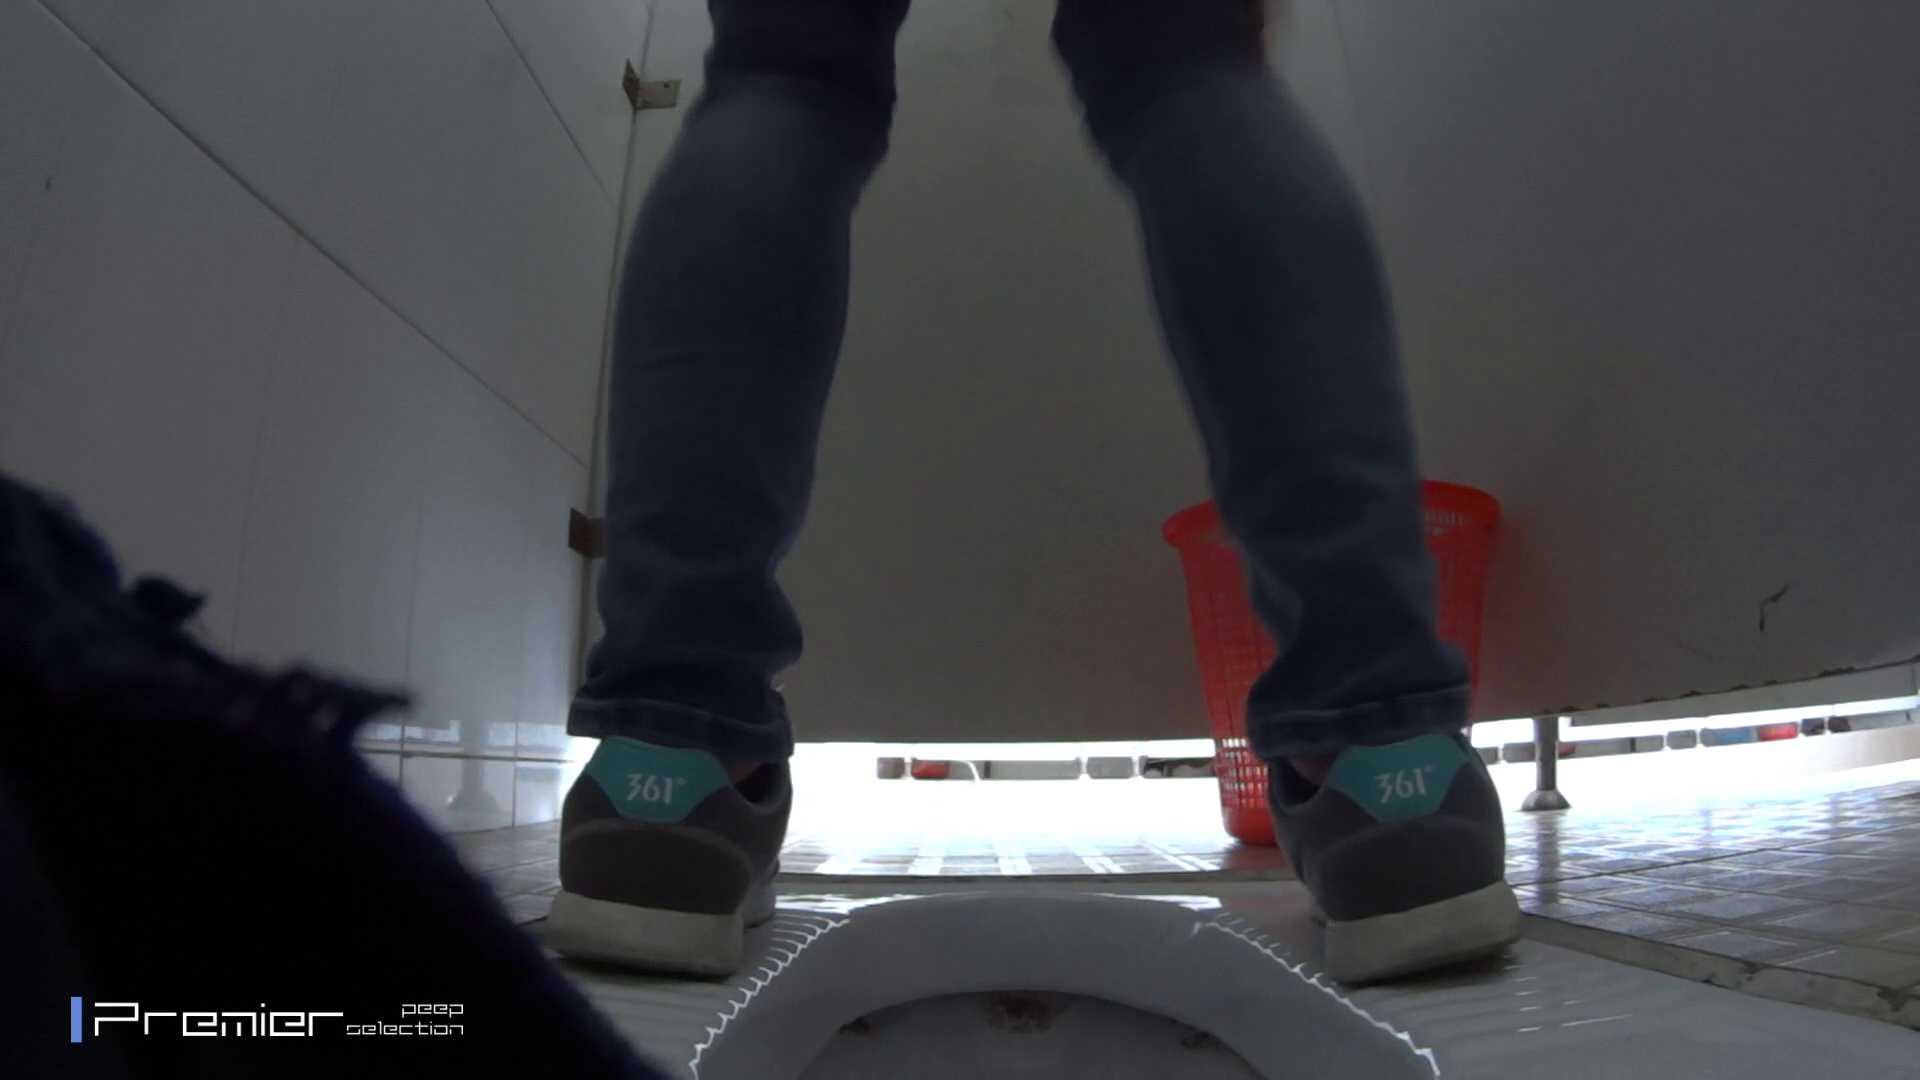 めくれ上がる陰部からの大聖水!大学休憩時間の洗面所事情27 細身体型 おまんこ無修正動画無料 105枚 56